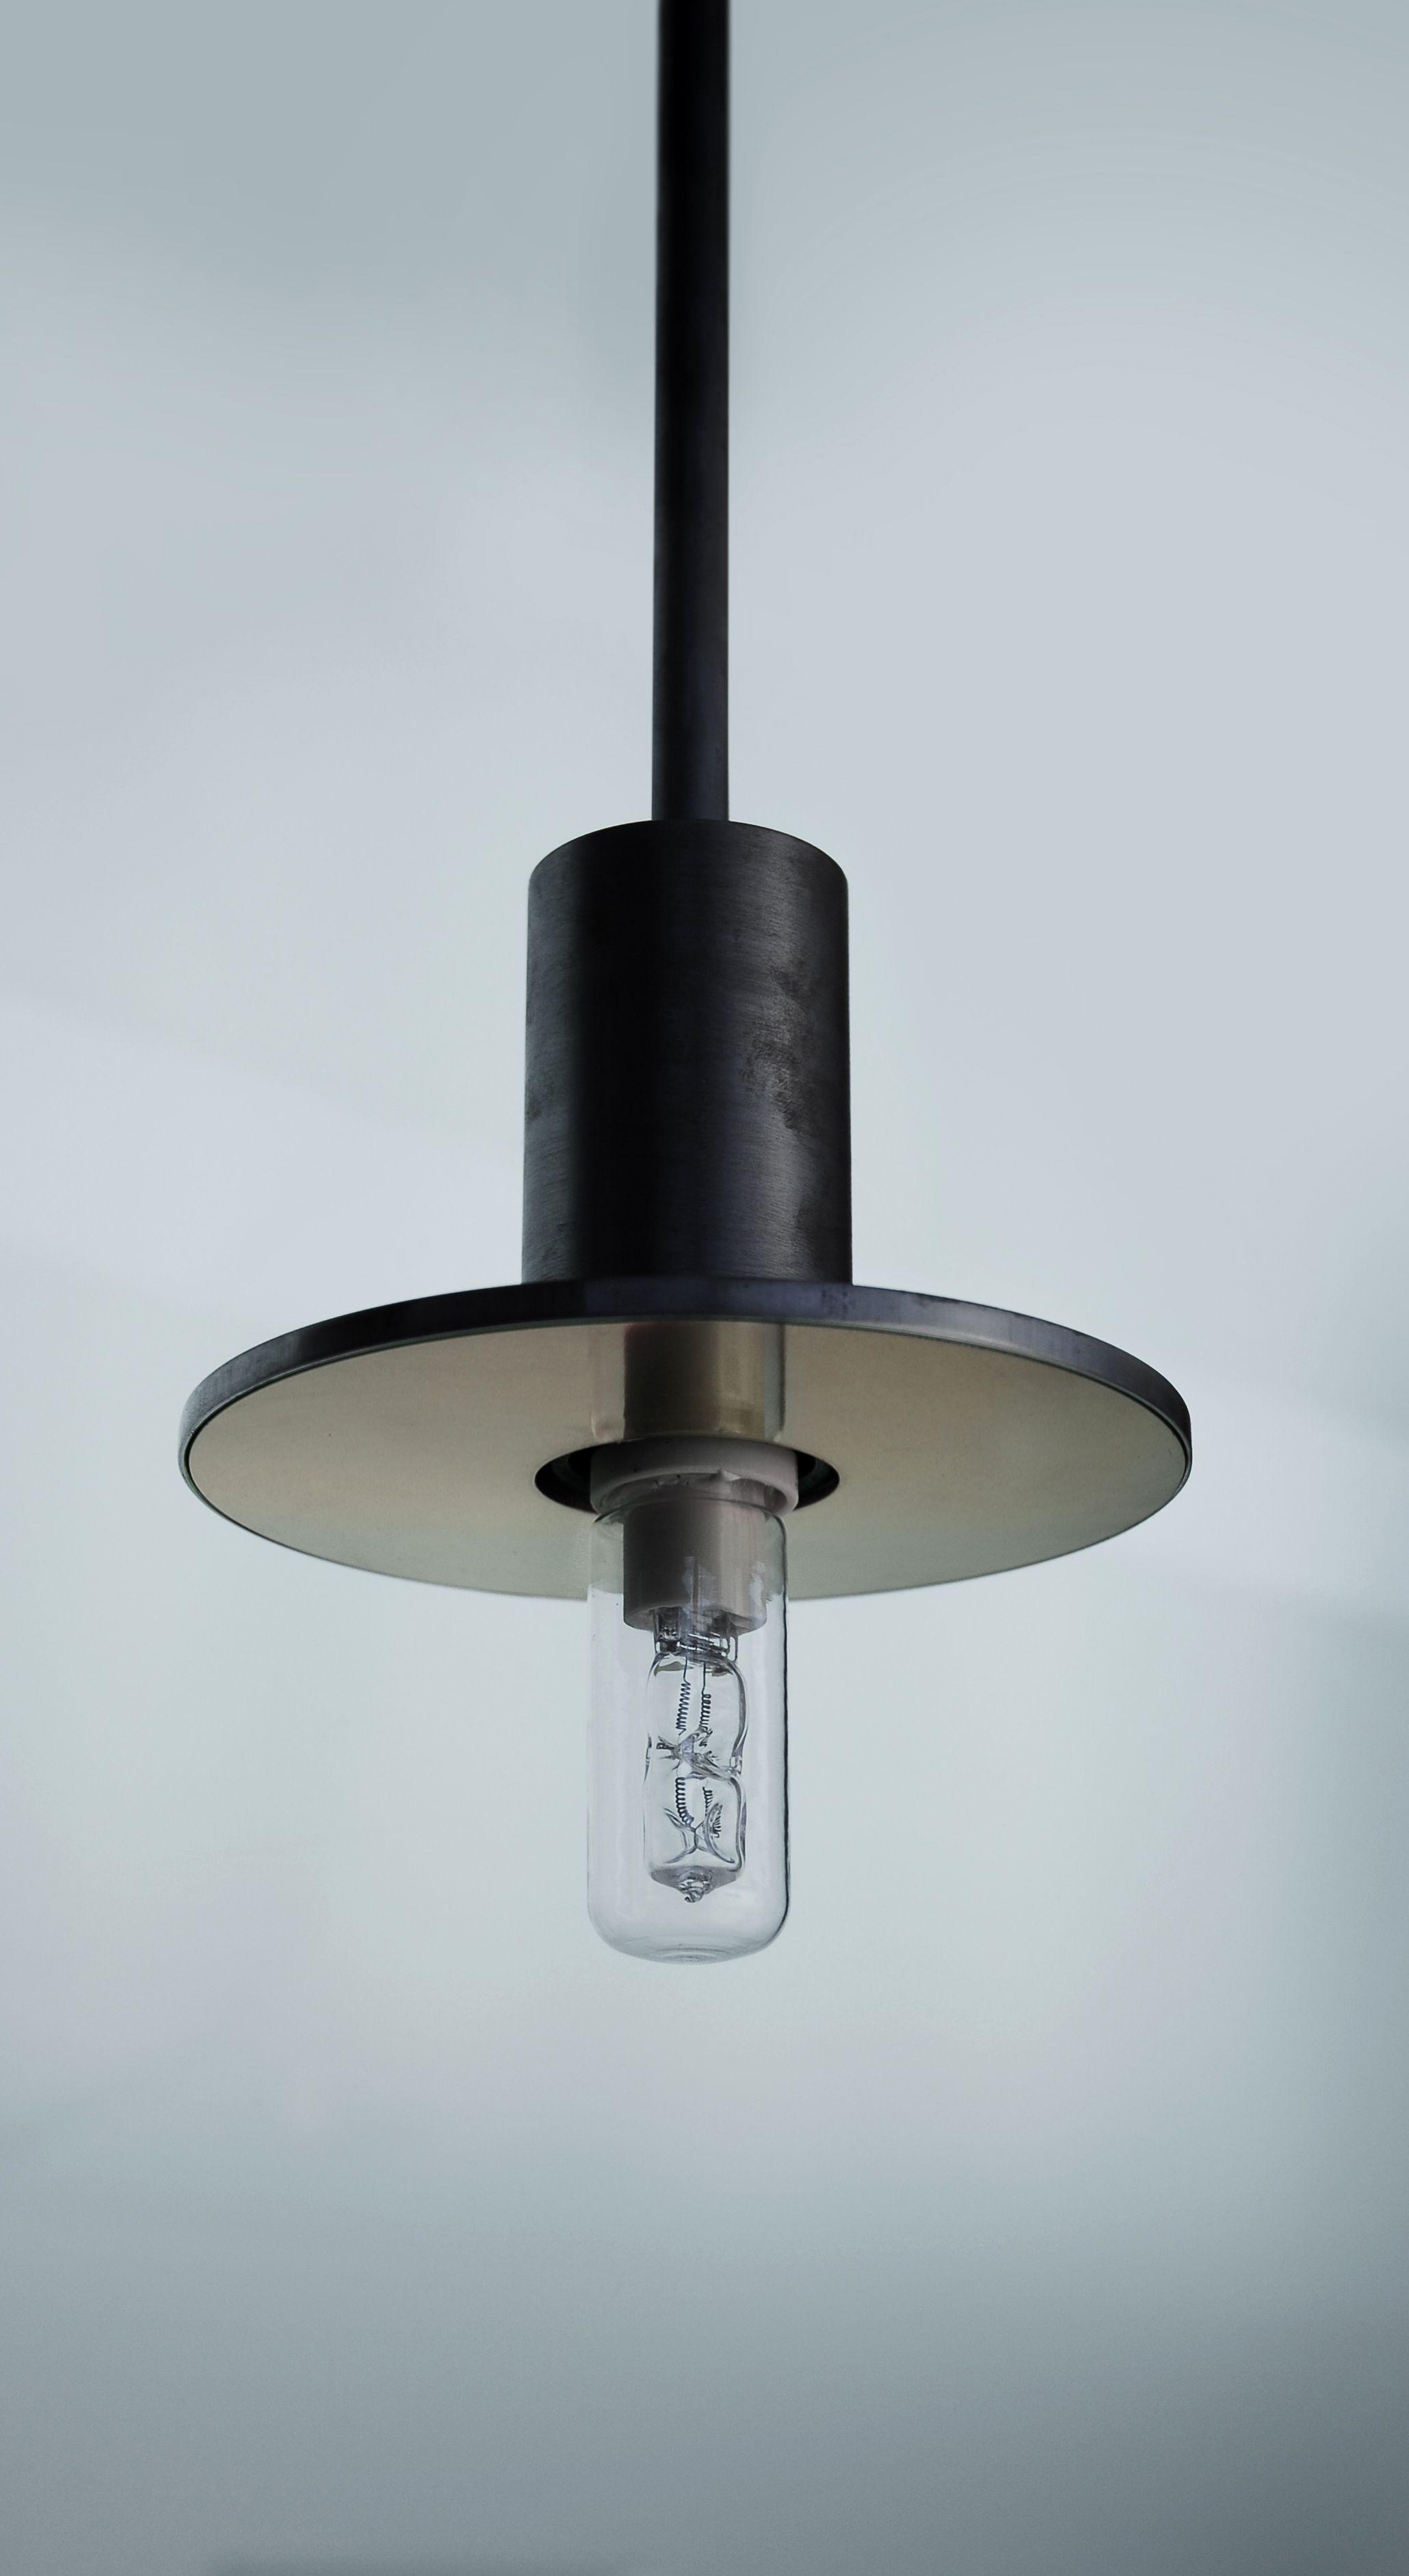 901e1a2ffcfca7 Globe Luminaire Interieur New Candela Di Vals Peter Zumthor Viabizzuno Lit